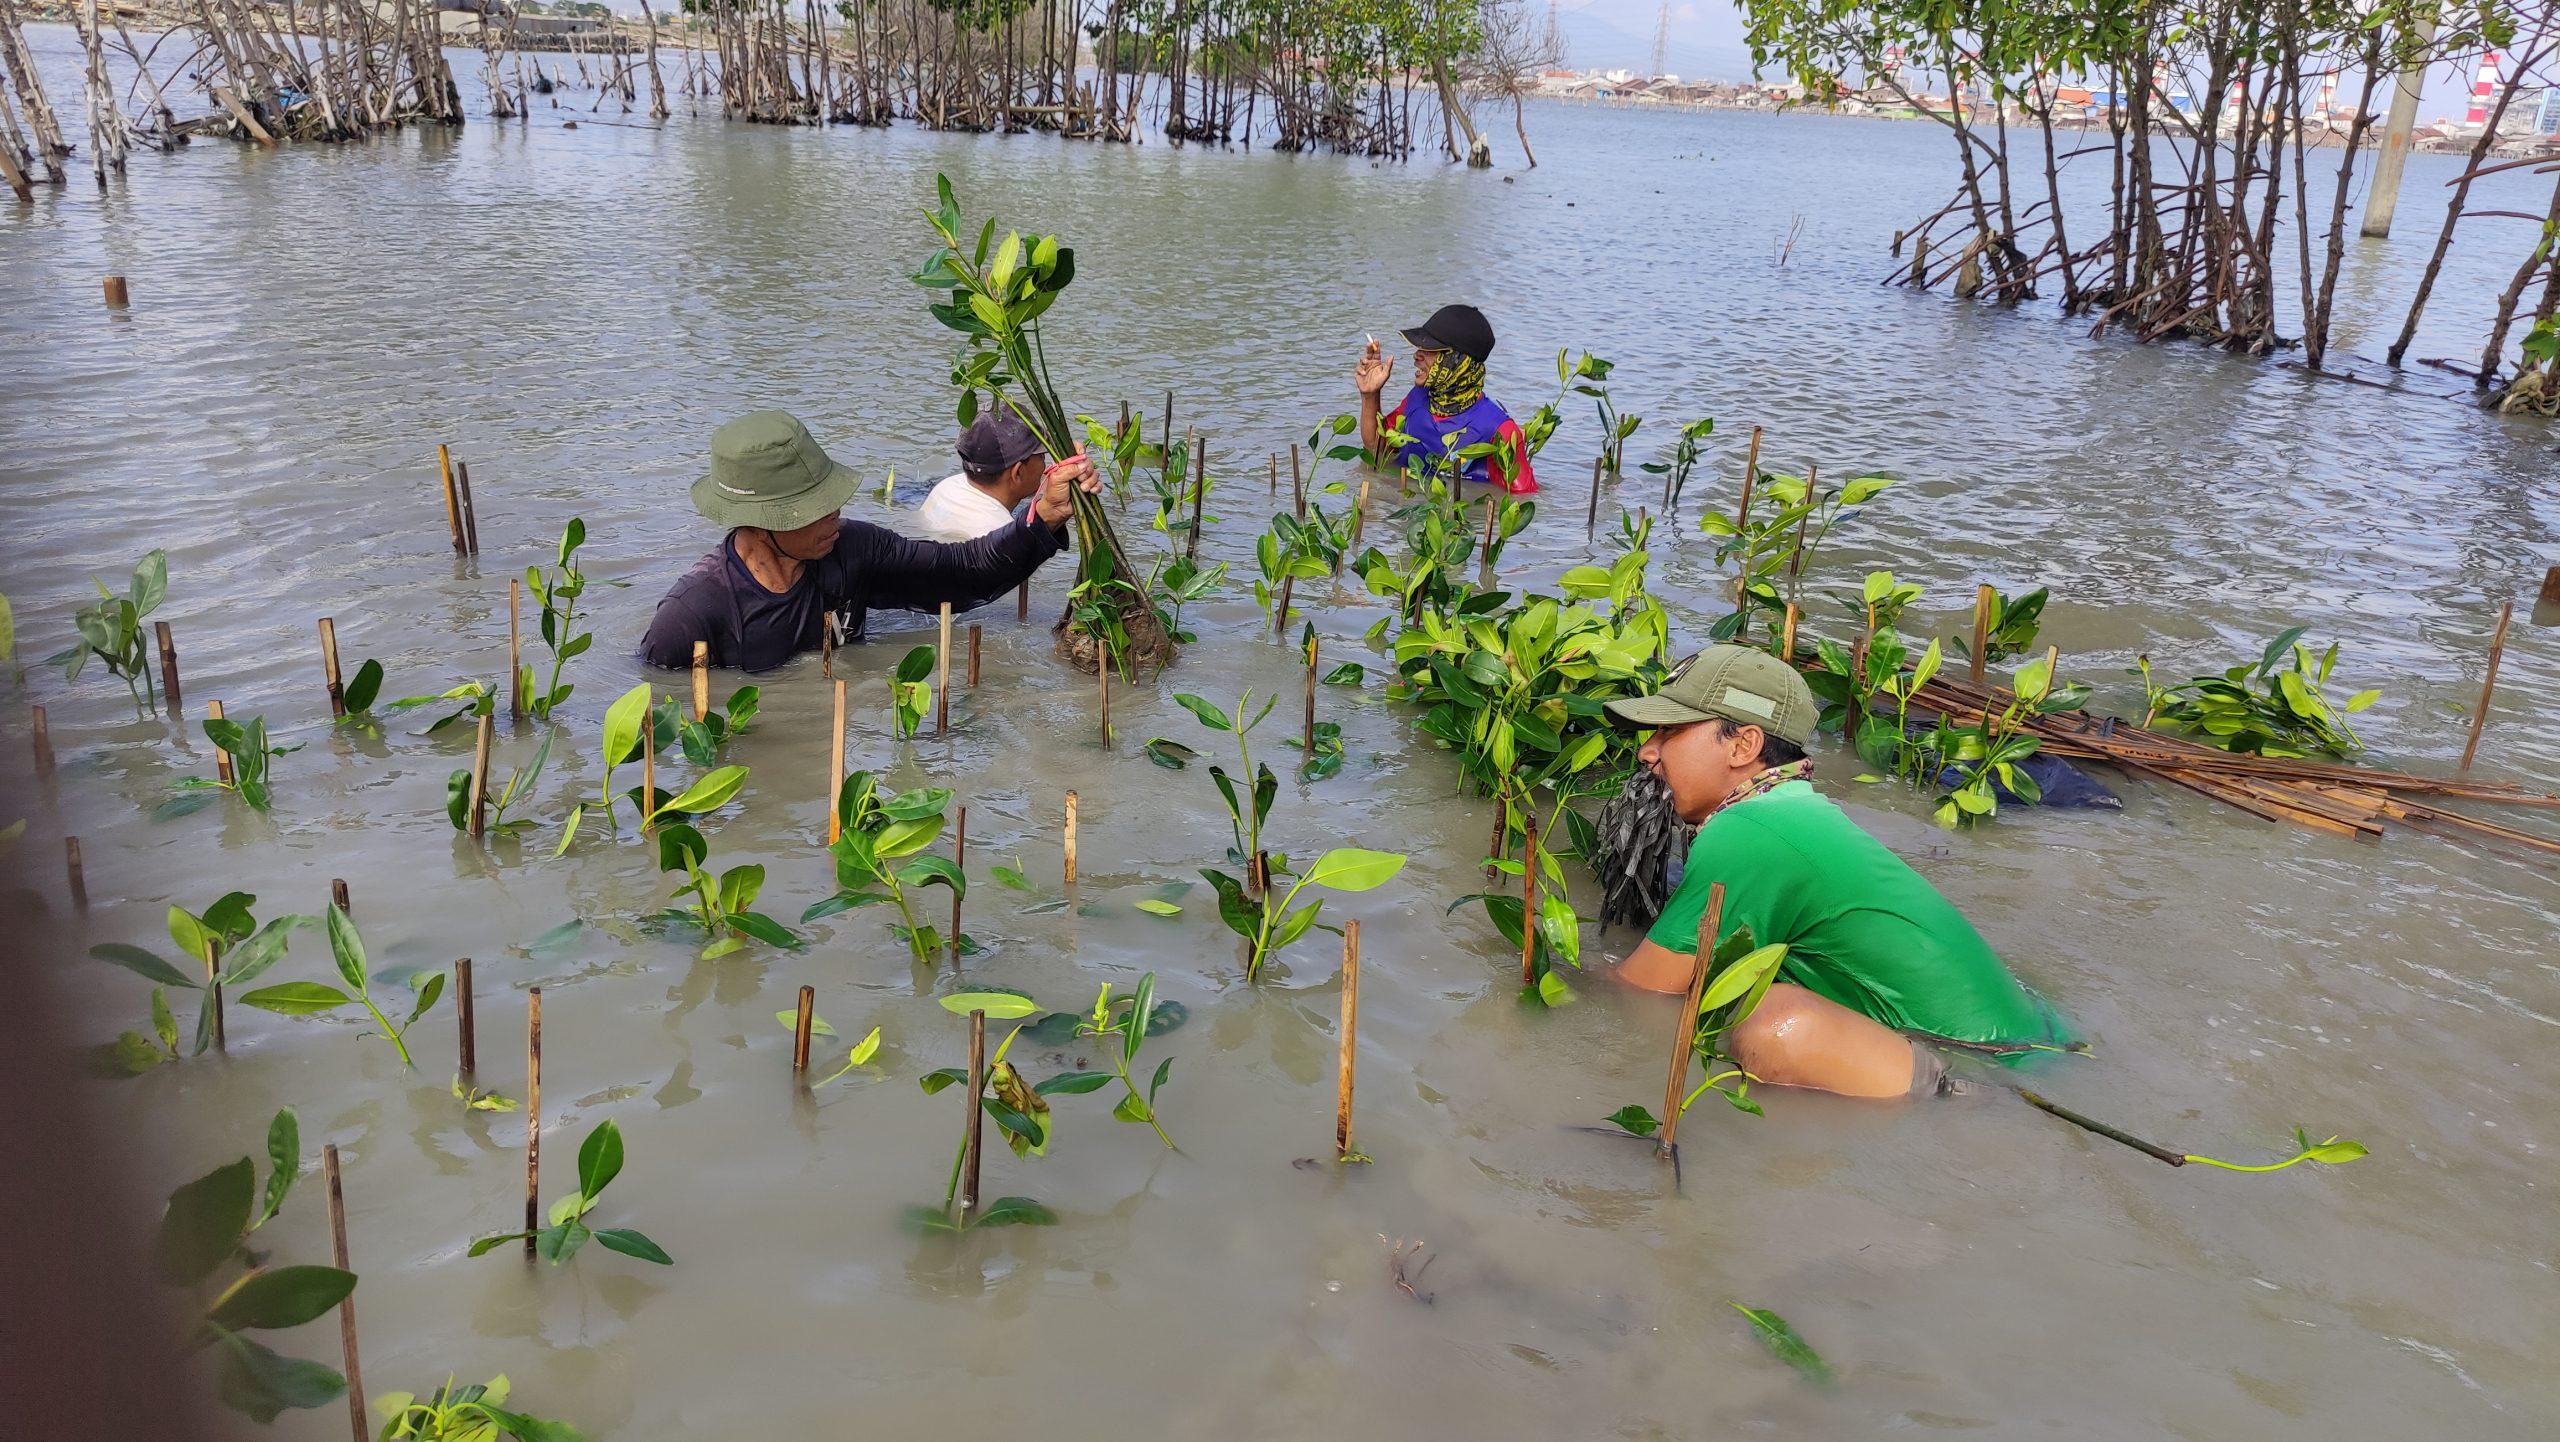 Proses Penanaman Bibit Mangrove bersama CAMAR© Dokumentasi LindungiHutan